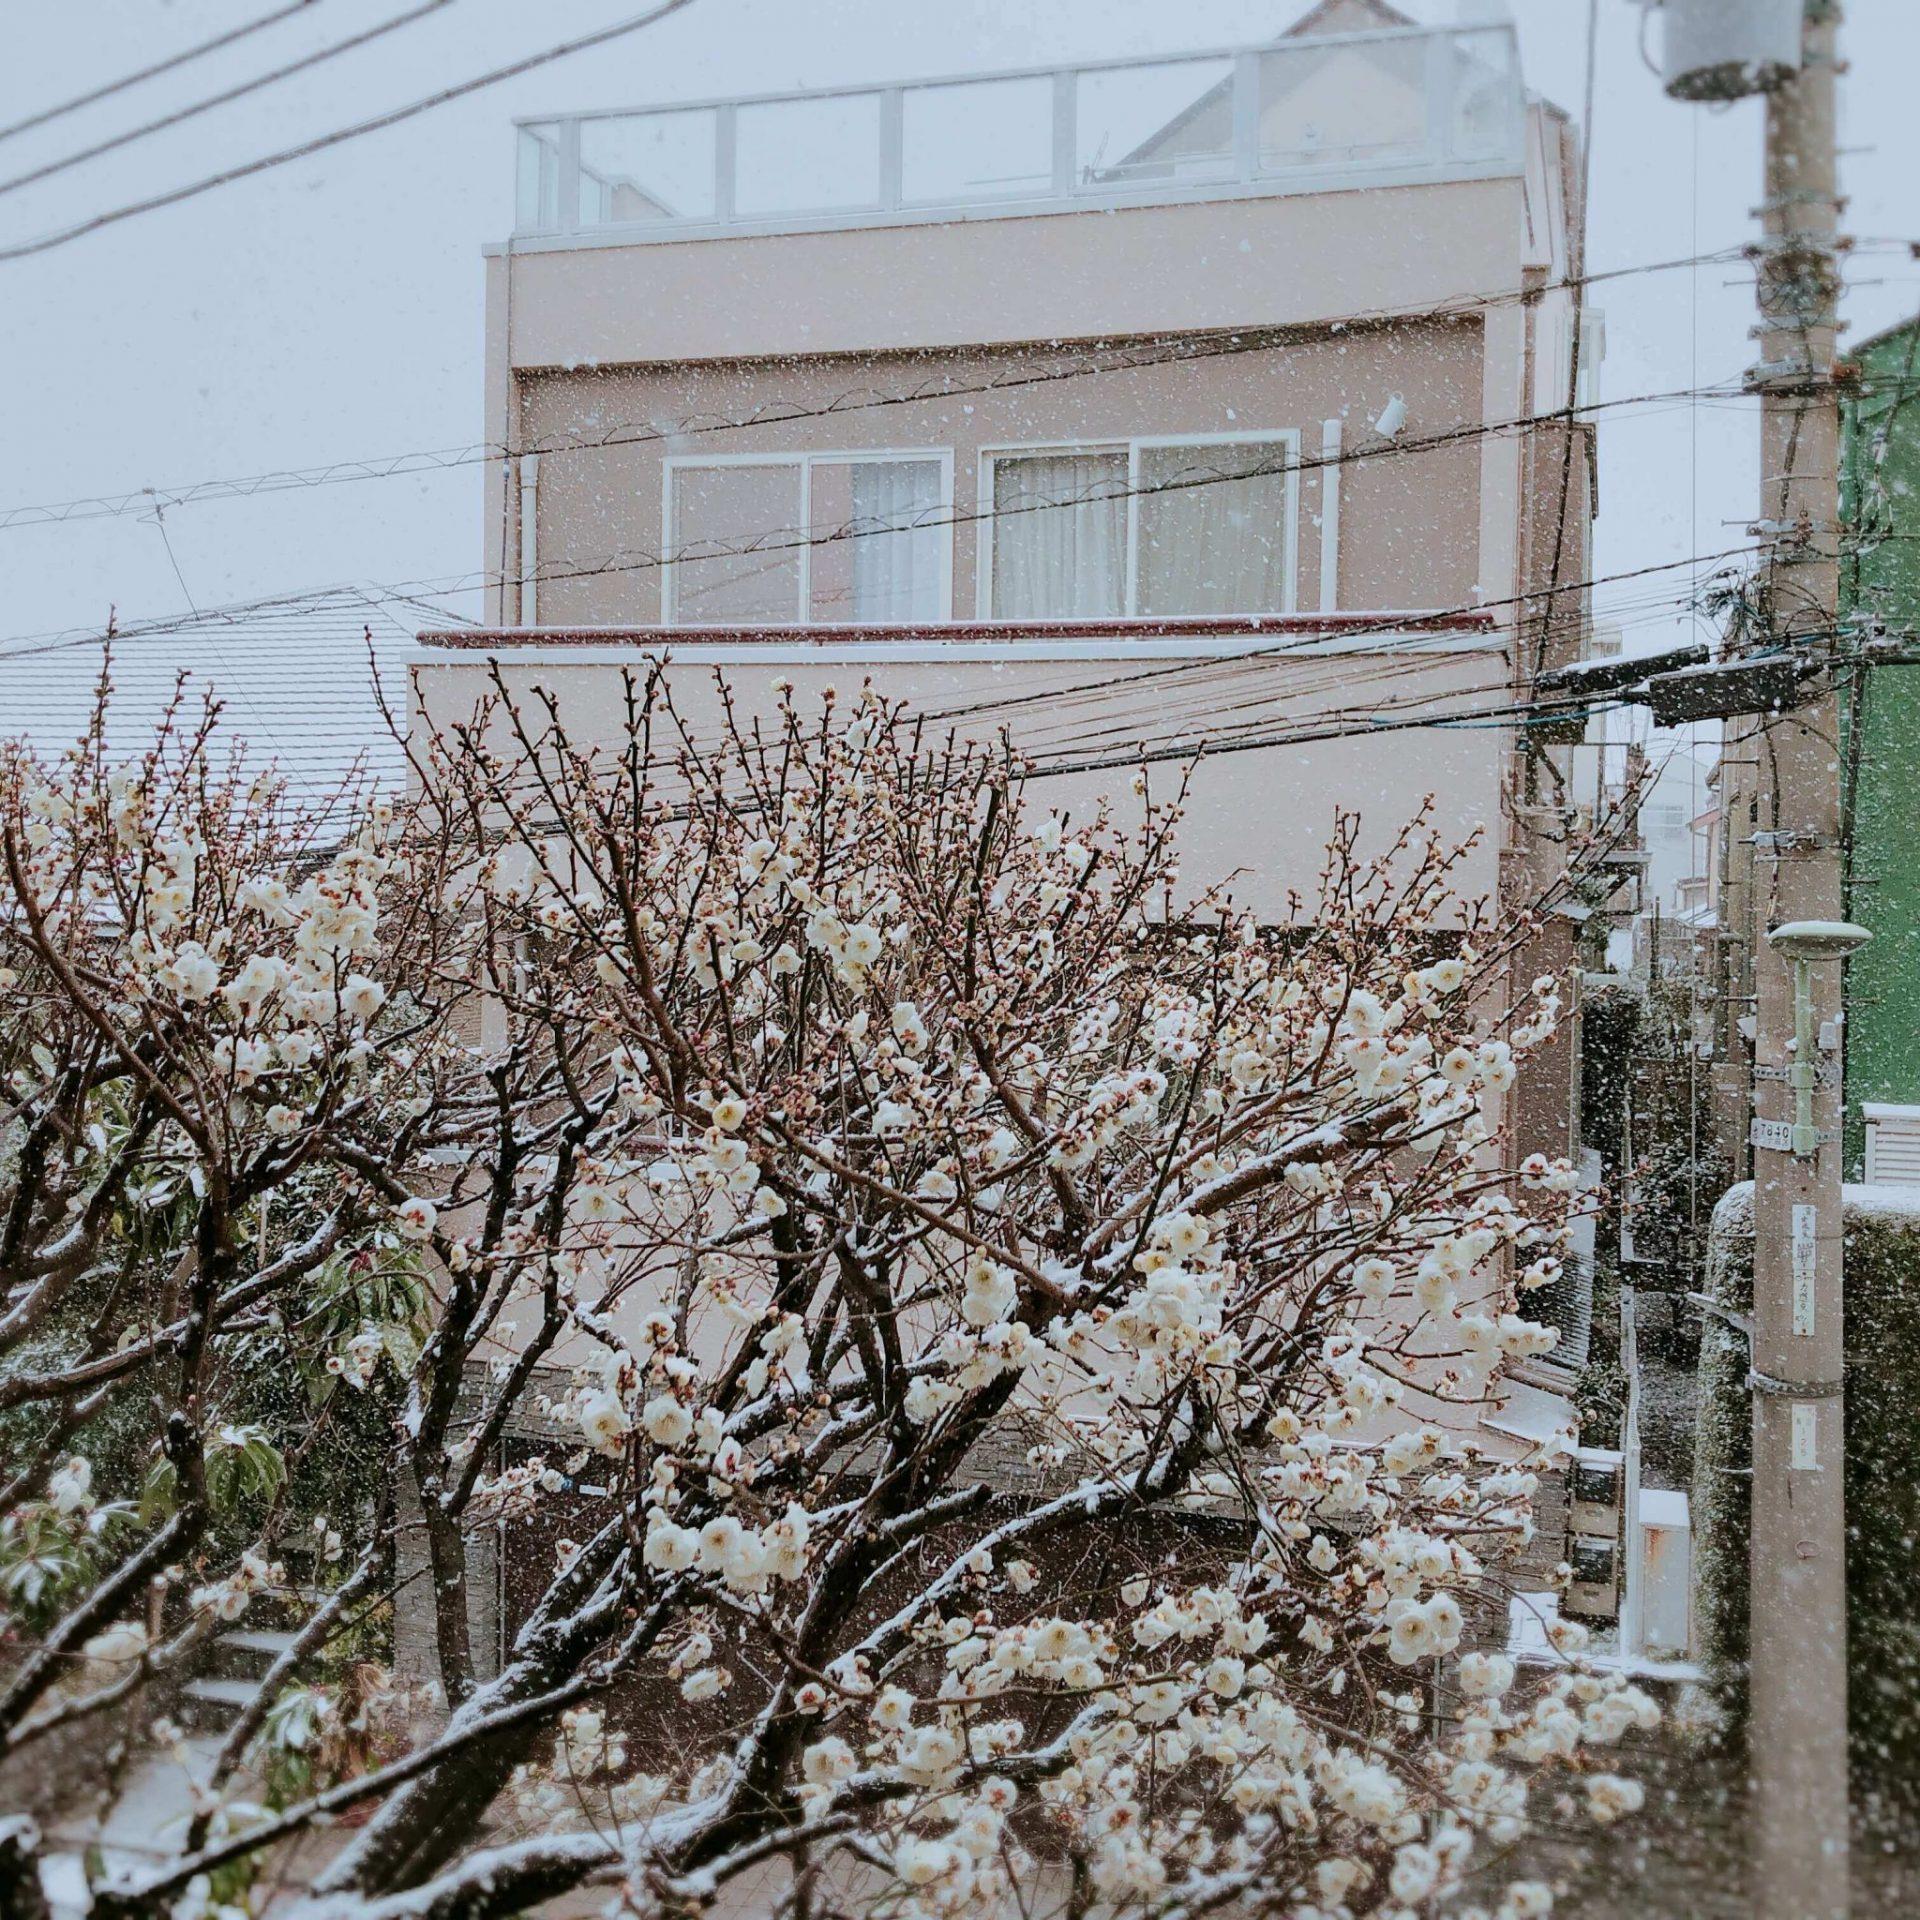 Plum blossom and snow